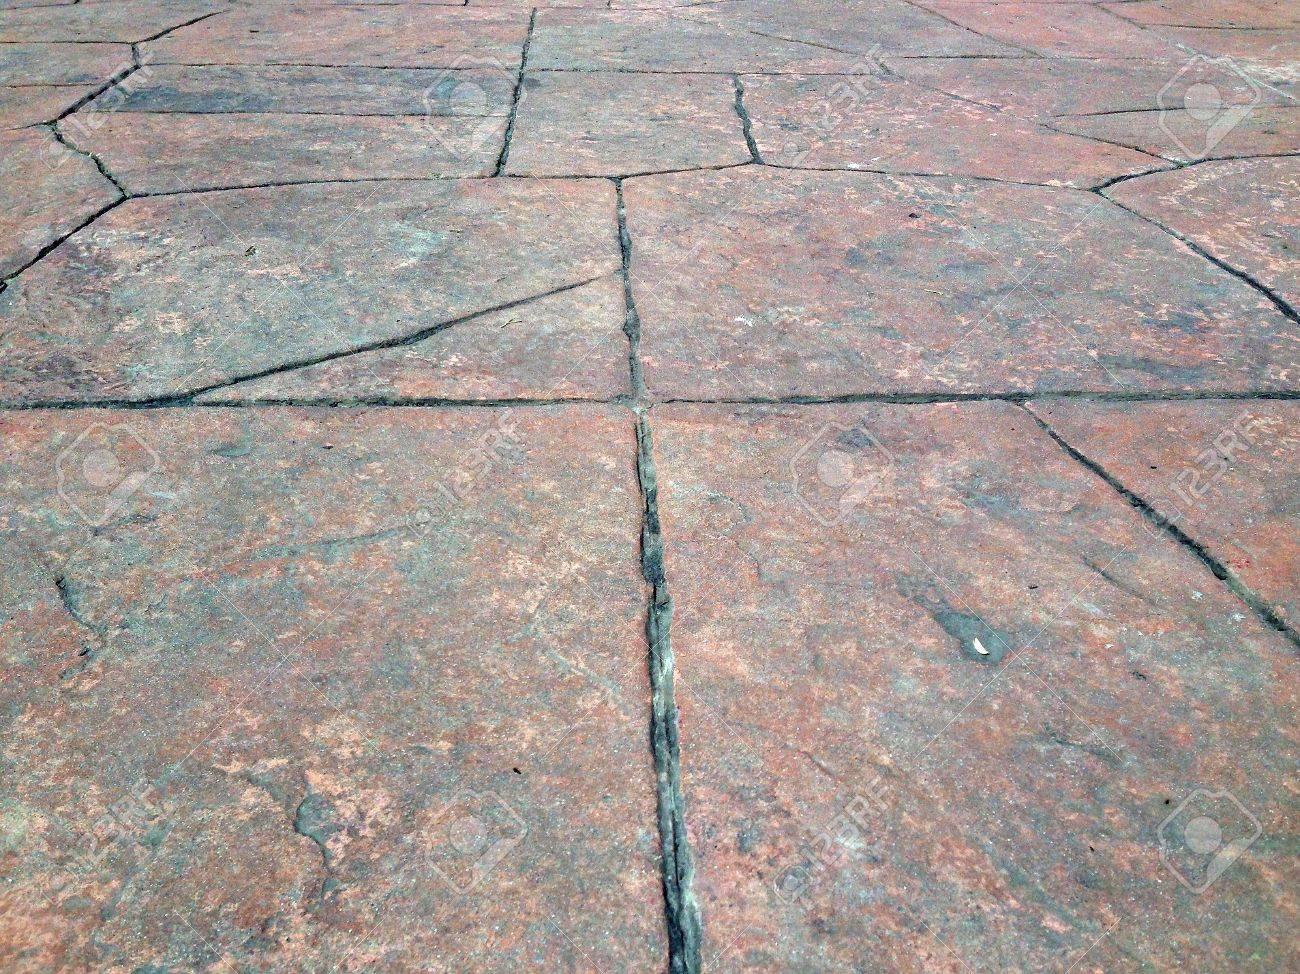 foto de archivo suelo de piedra roja bloque